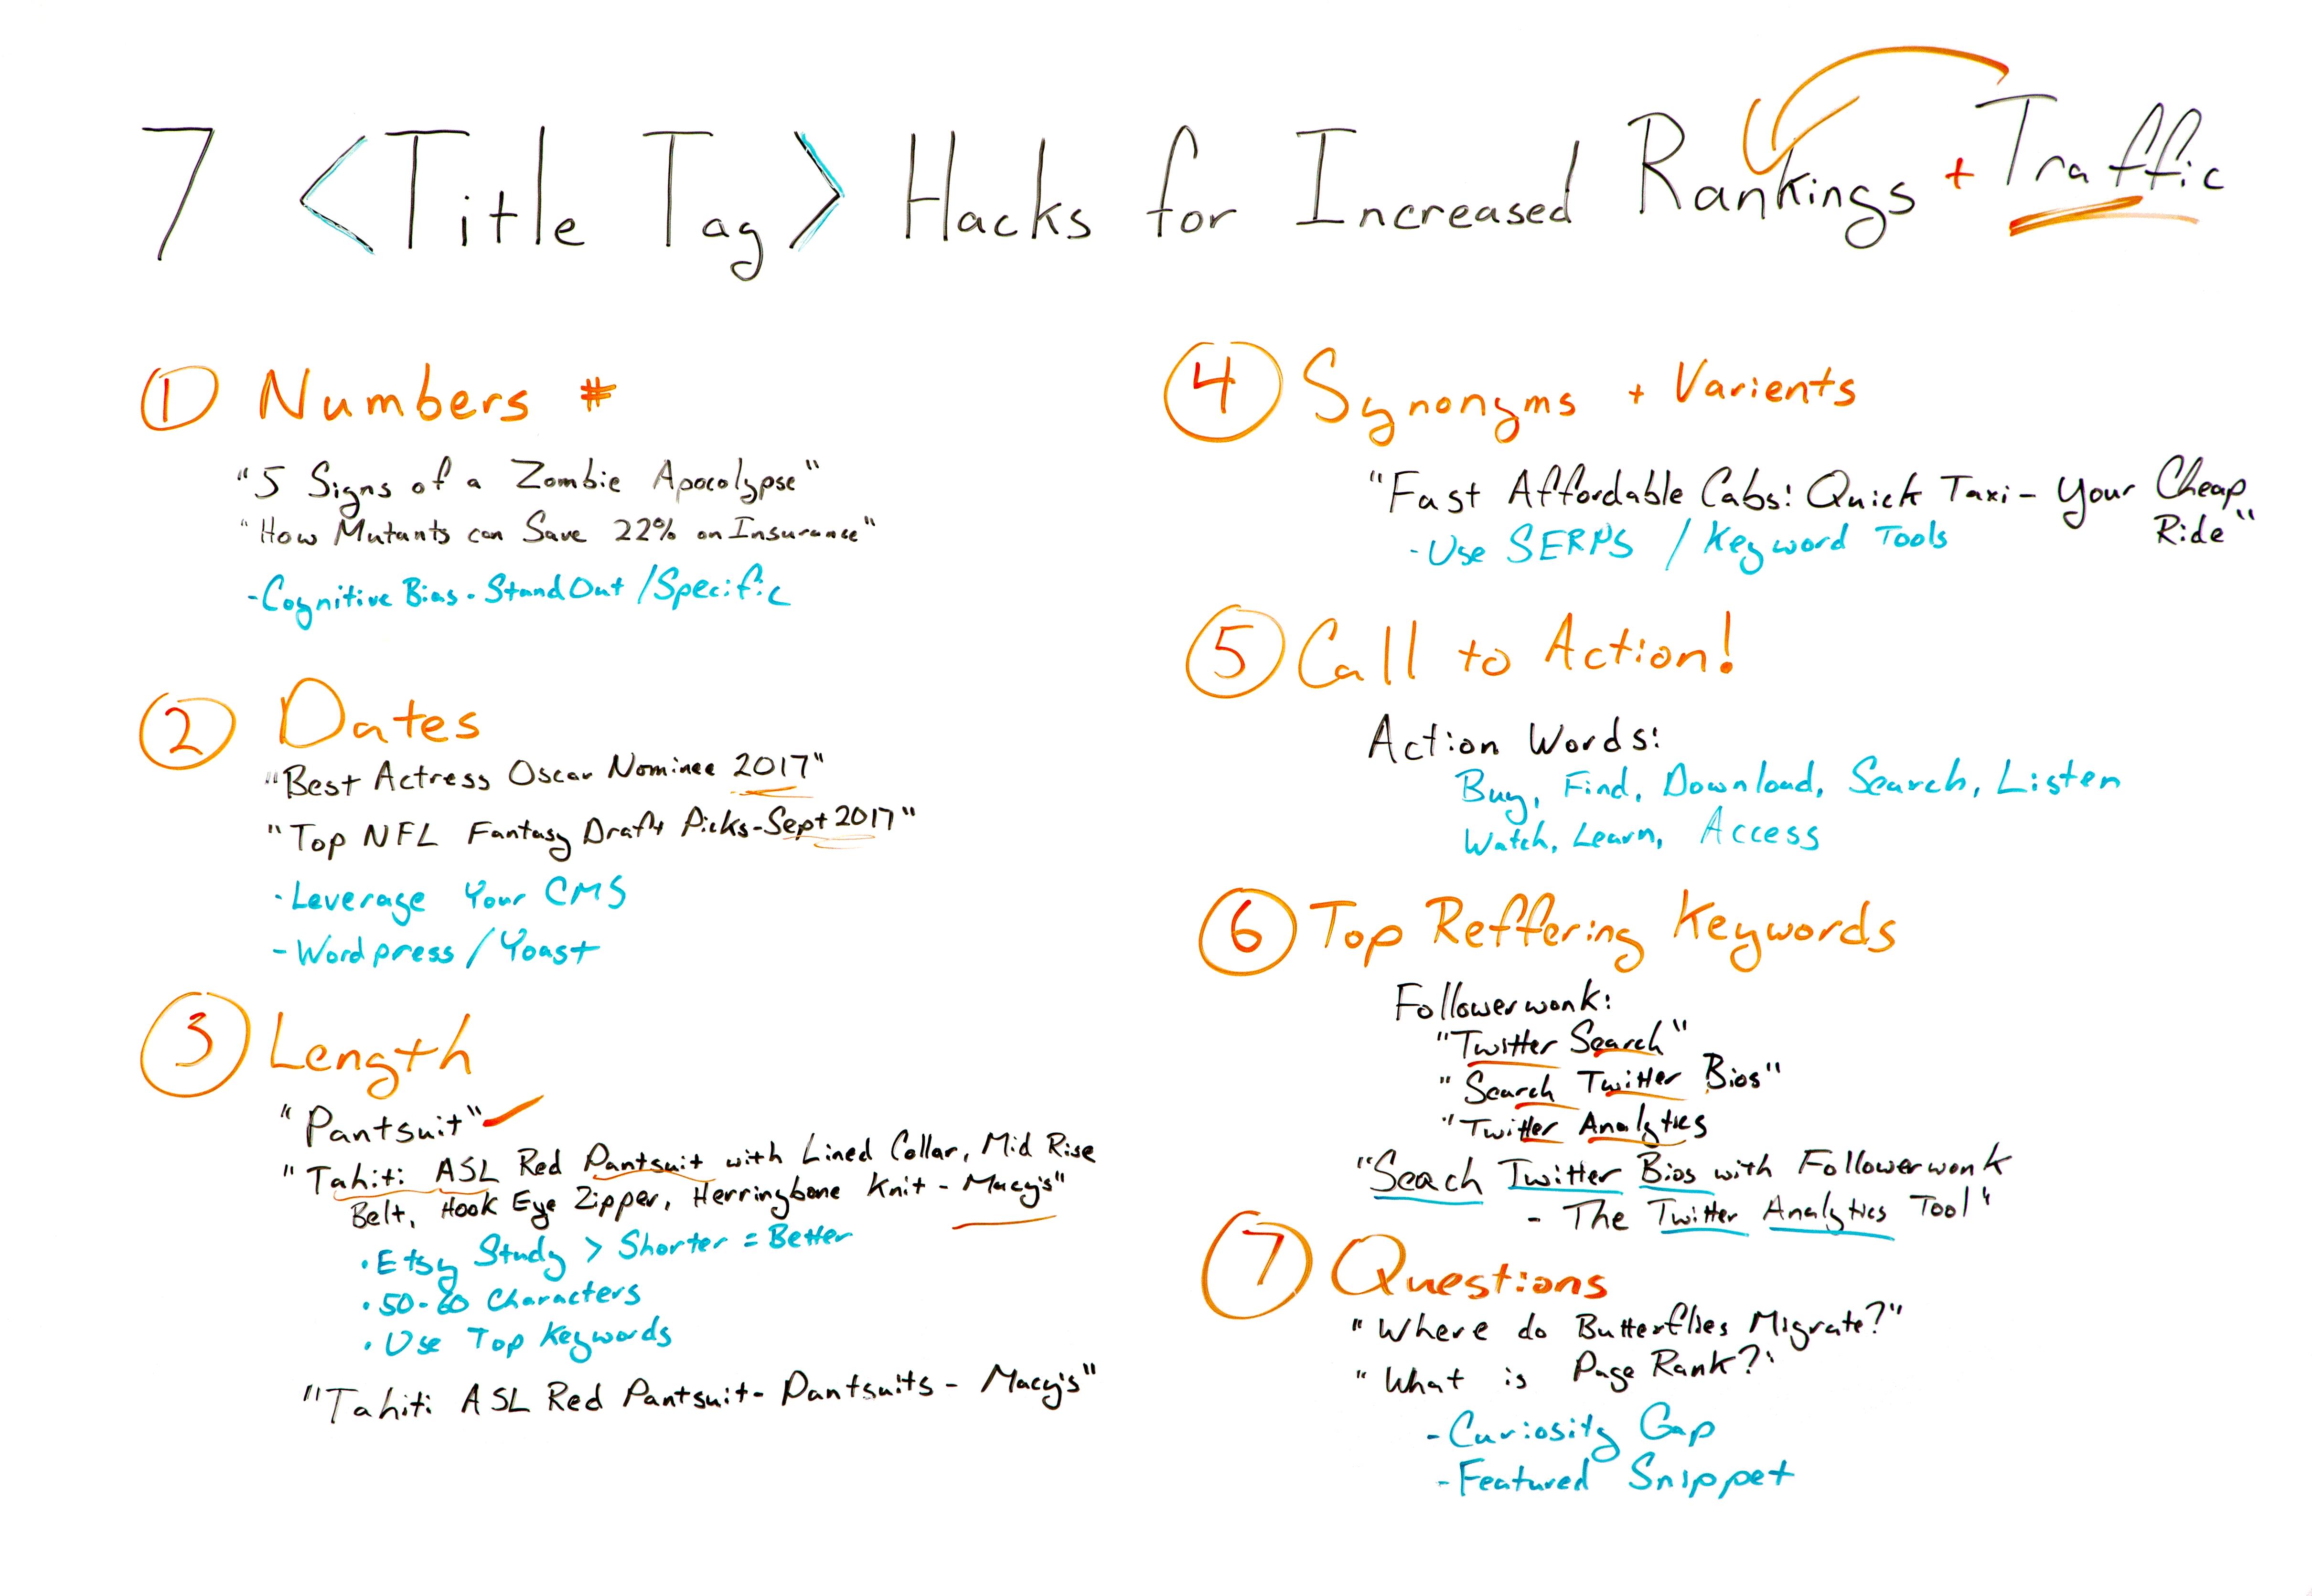 7 tuyệt chiêu tạo title tag giúp tăng thứ hạng và lưu lượng truy cập (cre: Moz)